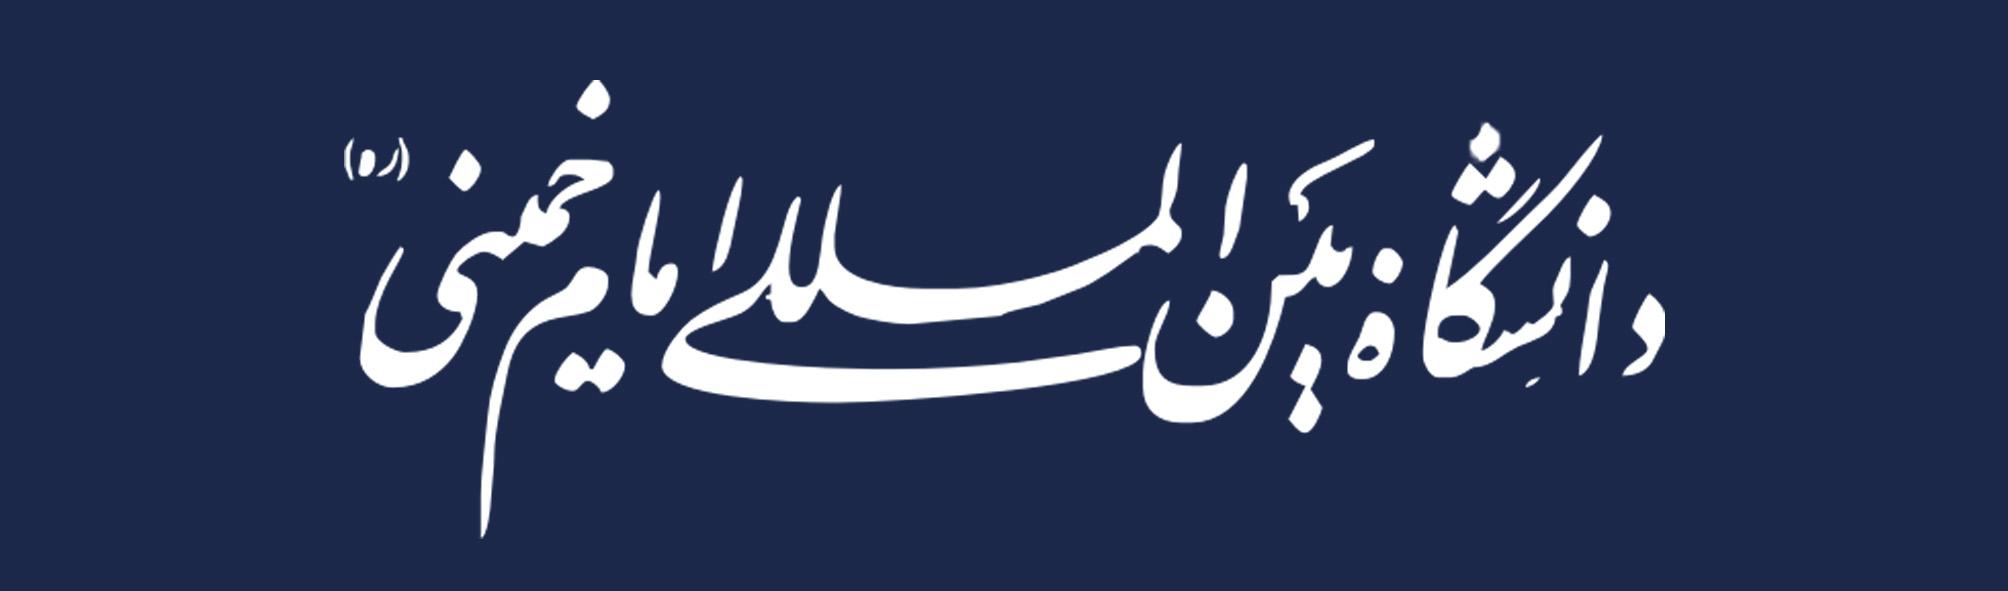 دانشگاه بین المللی امام خمینی (ره)